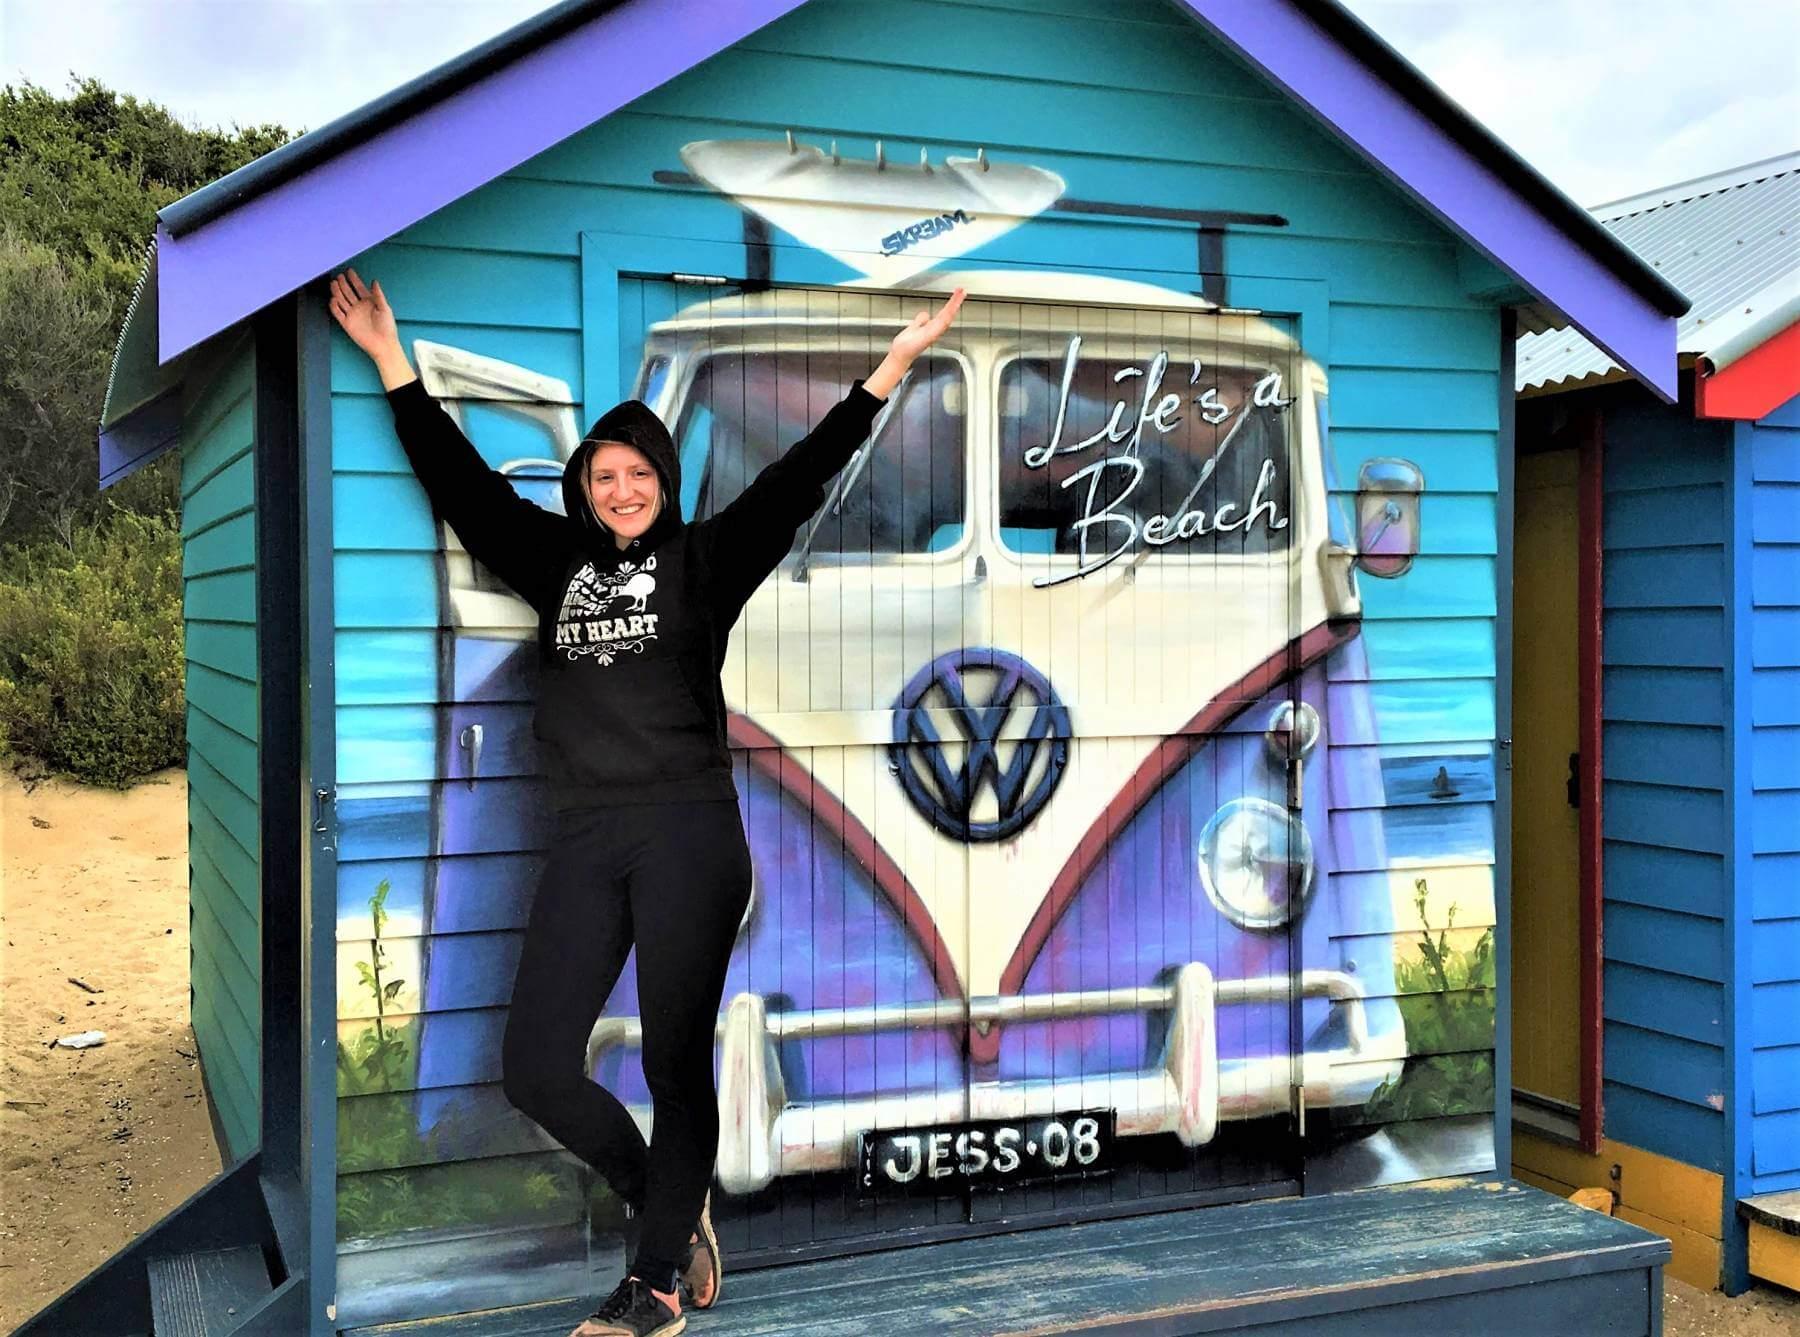 Sehenswürdigkeiten in Melbourne - Brighton Strandhäuser